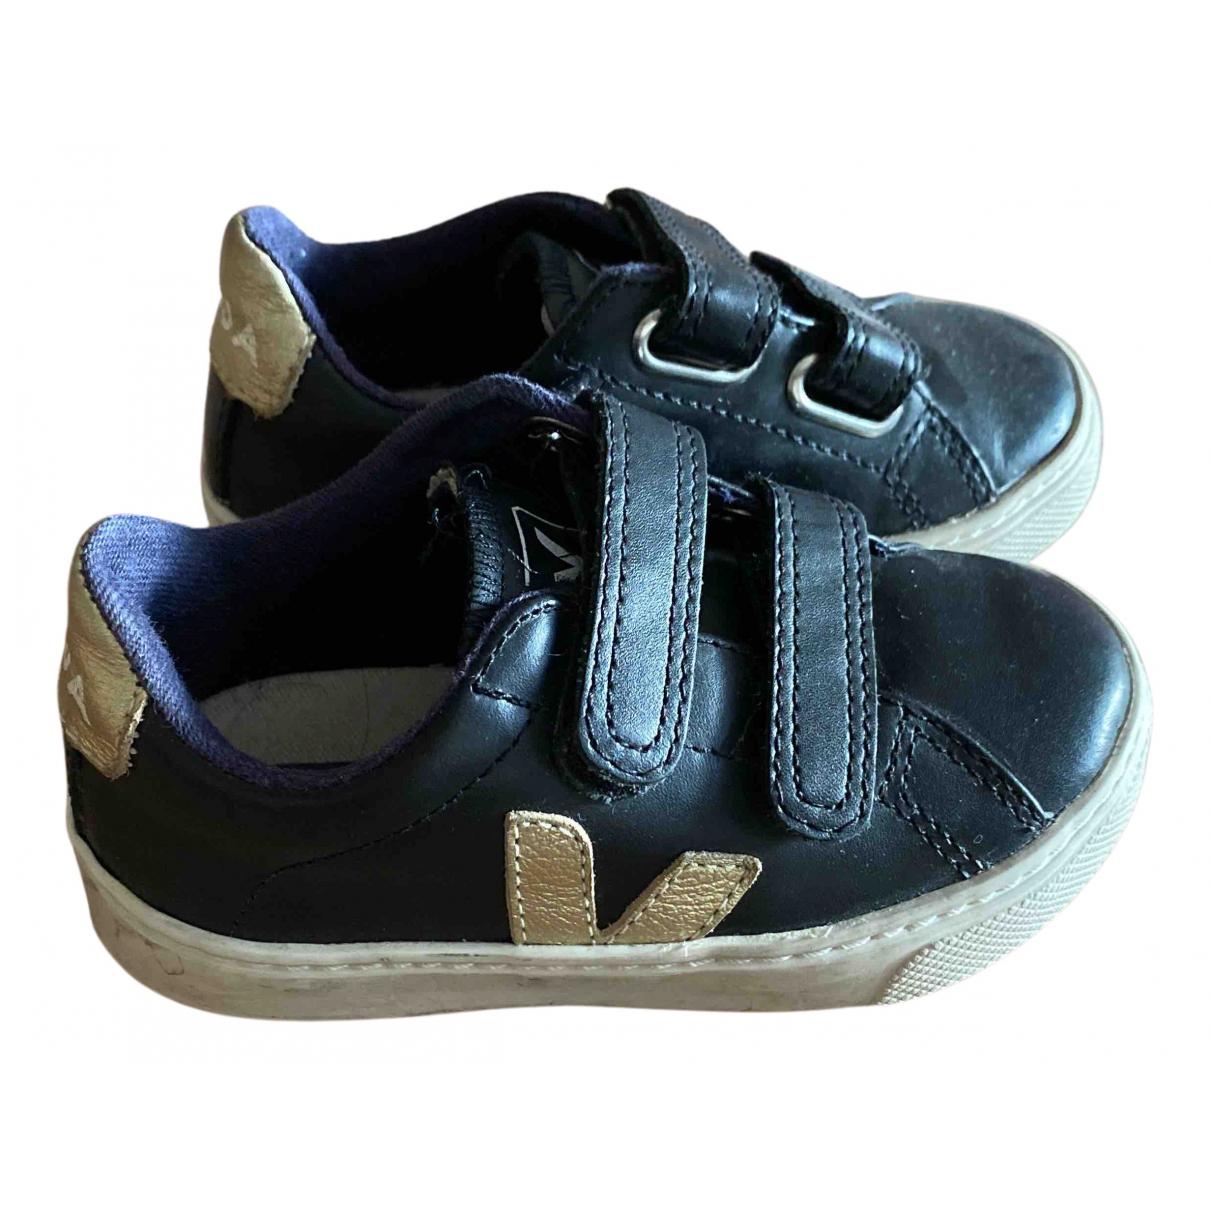 Veja - Baskets   pour enfant en cuir - noir